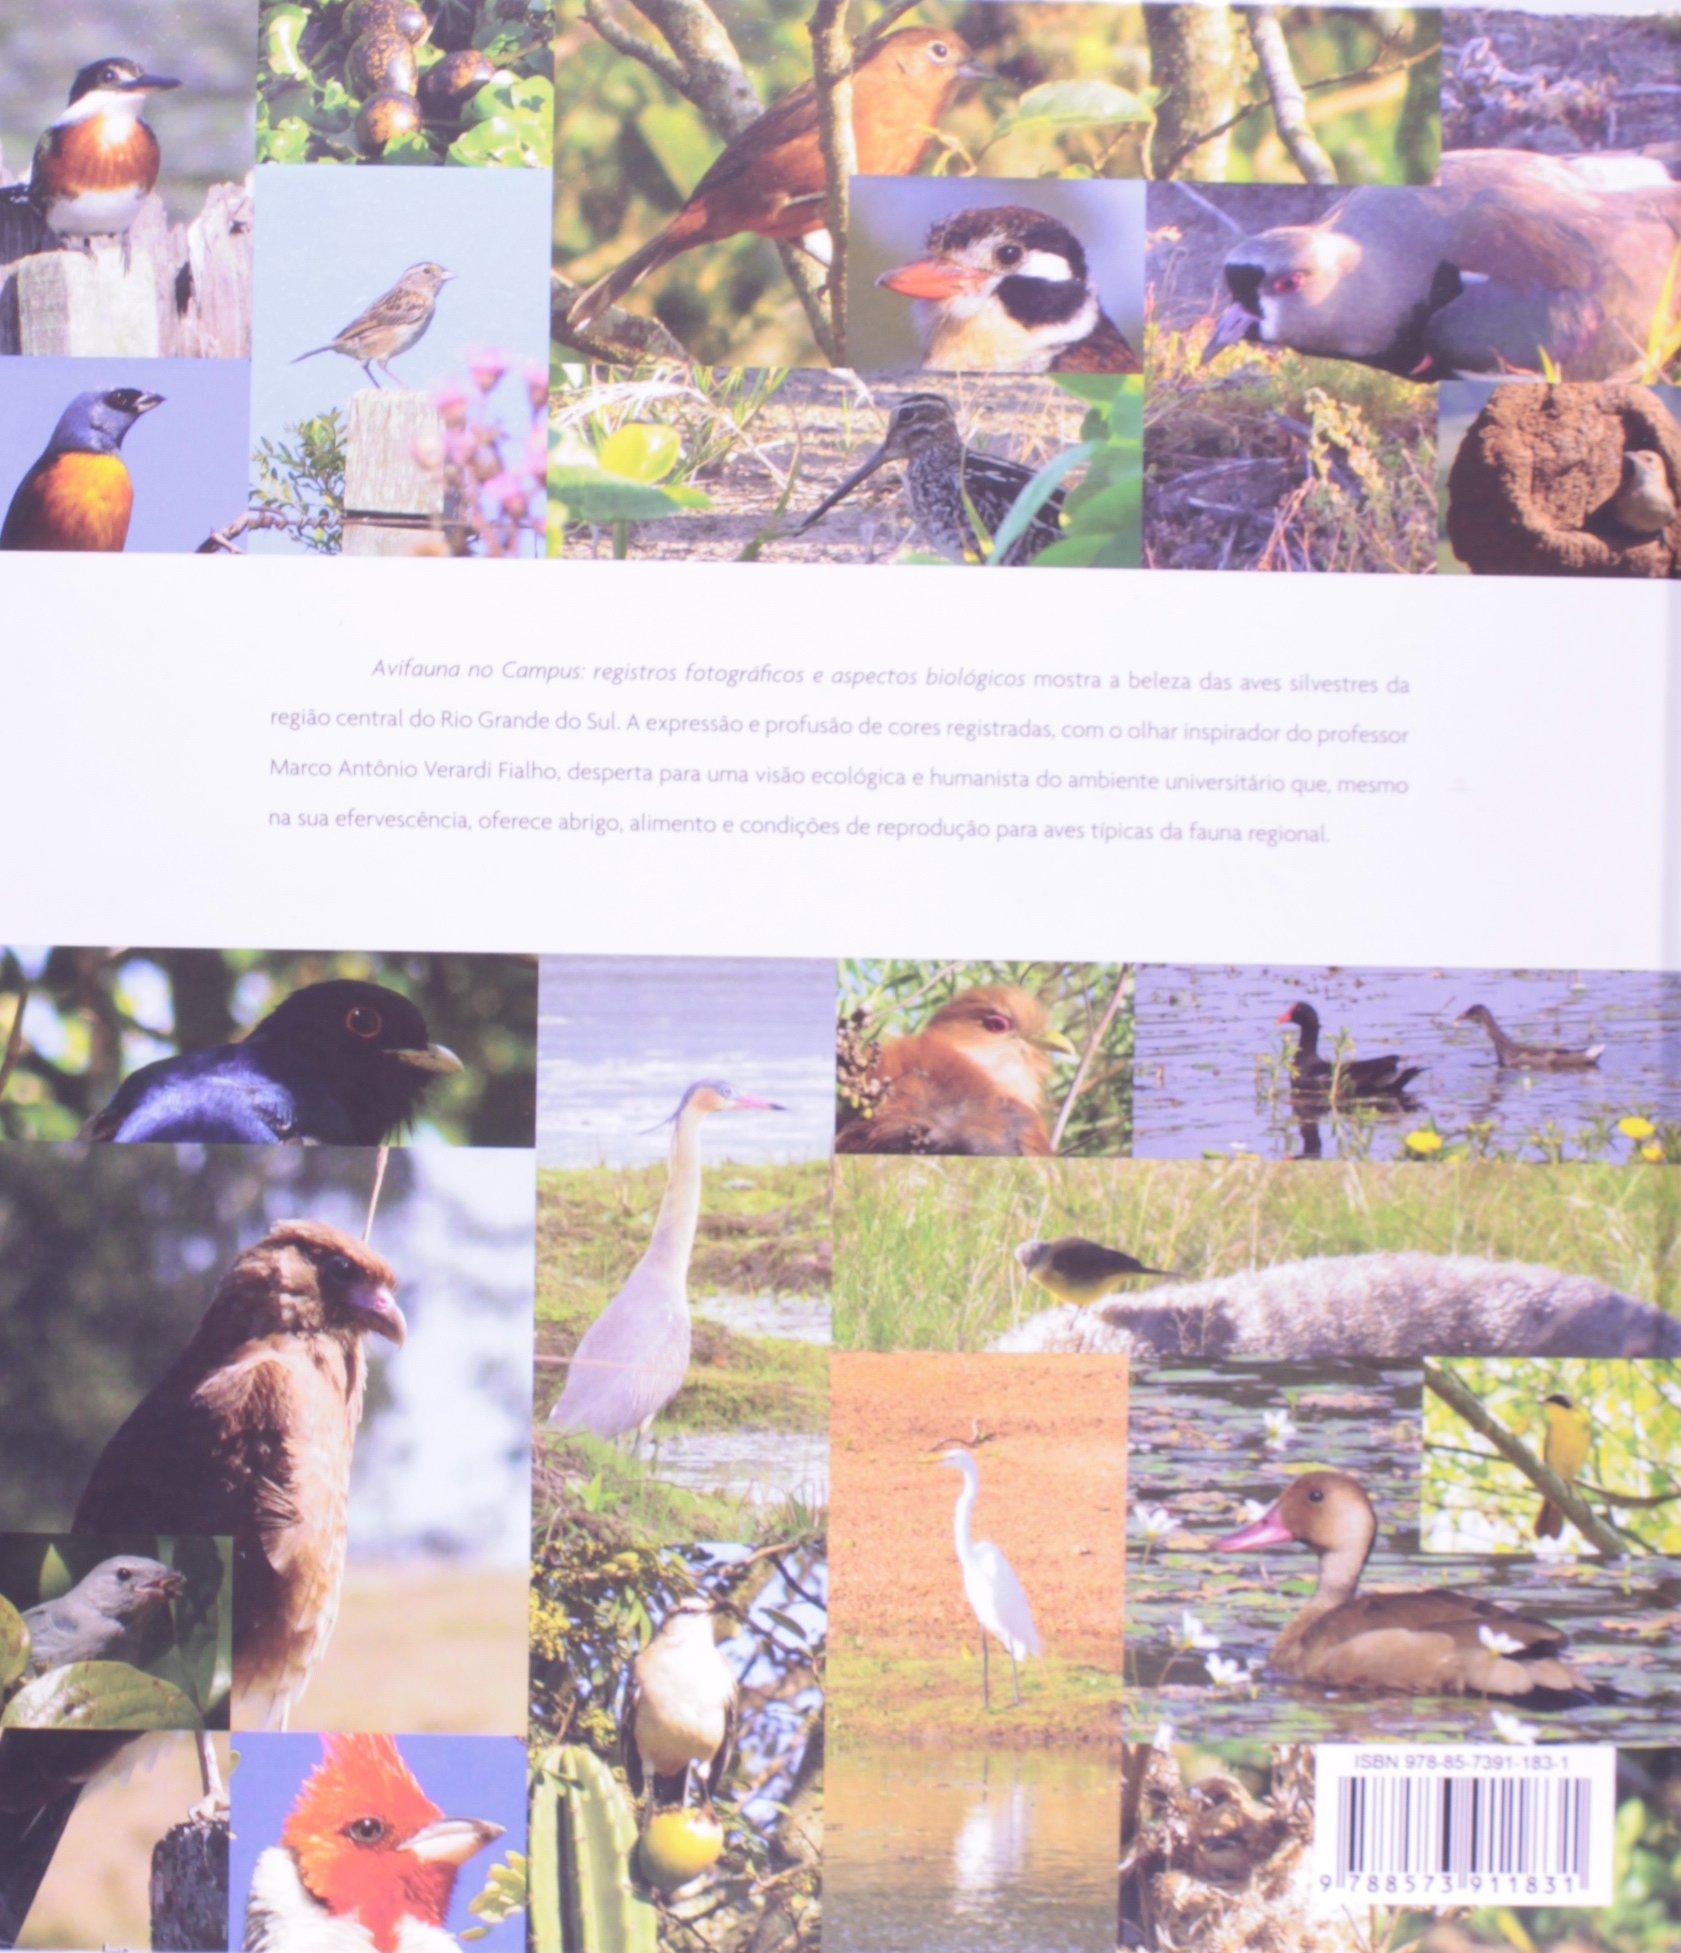 Avifauna No Campus. Registros Fotográficos E Aspectos Biológicos: Maristela Lovato: 9788573911831: Amazon.com: Books